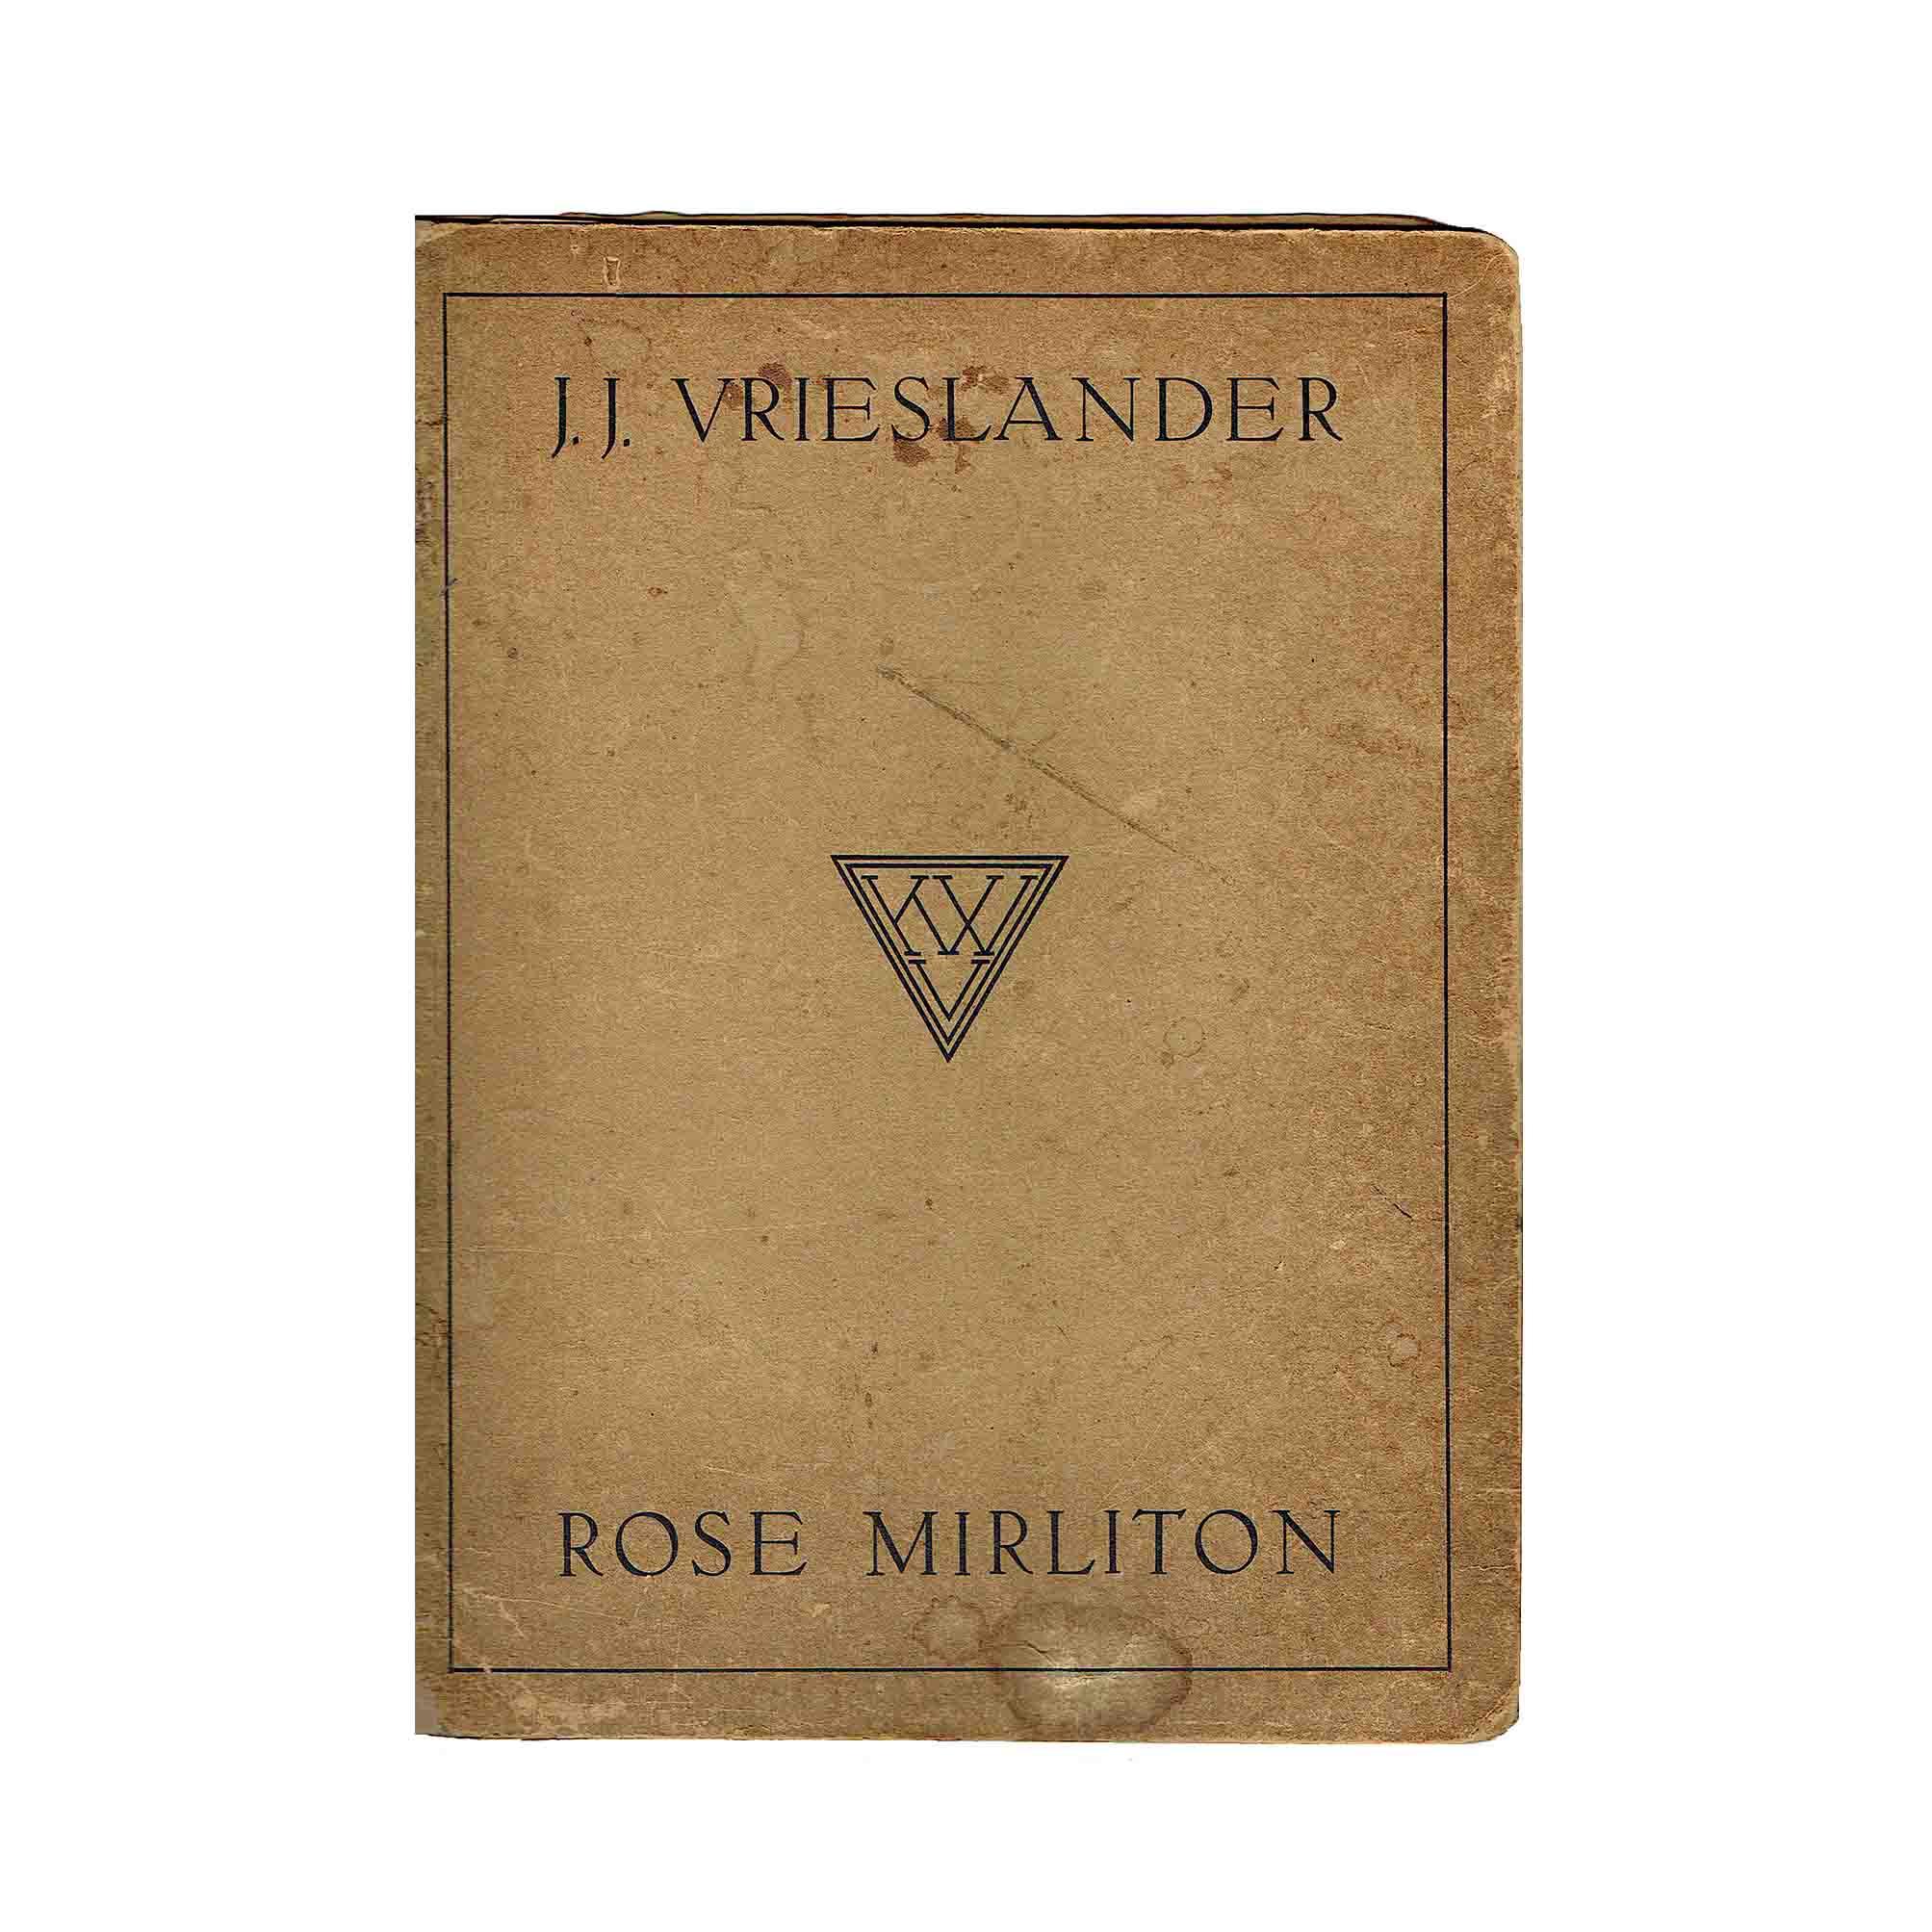 5598-Vrieslander-Rose-Mirliton-1914-Mappe-N.jpg